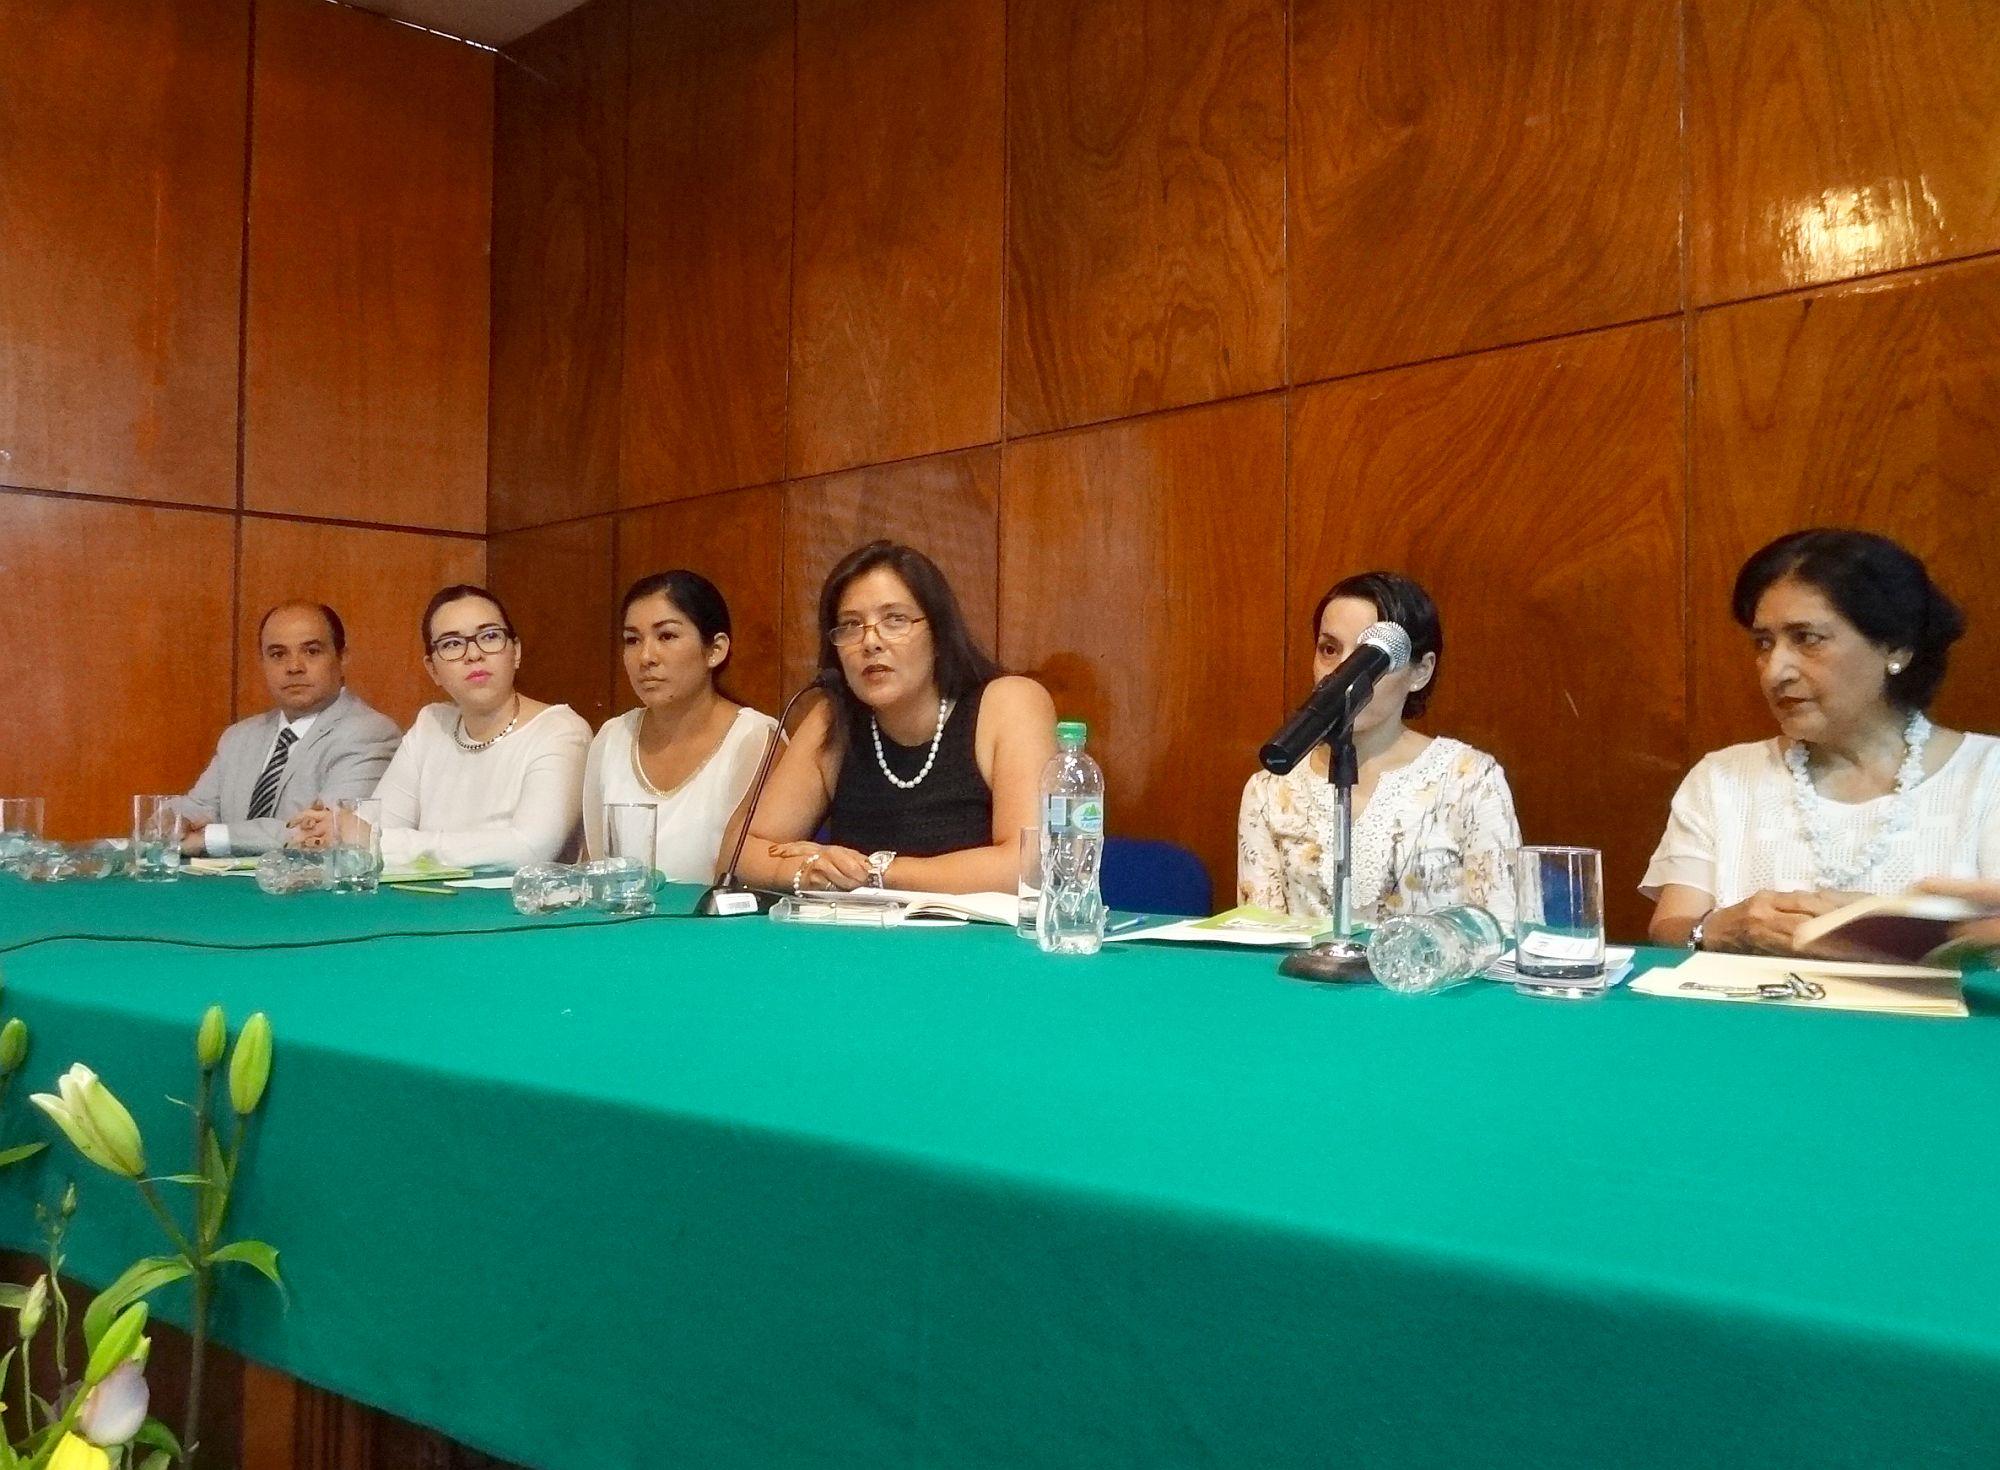 Universidad pública debe atender a grupos vulnerables: Cuevas Gayosso